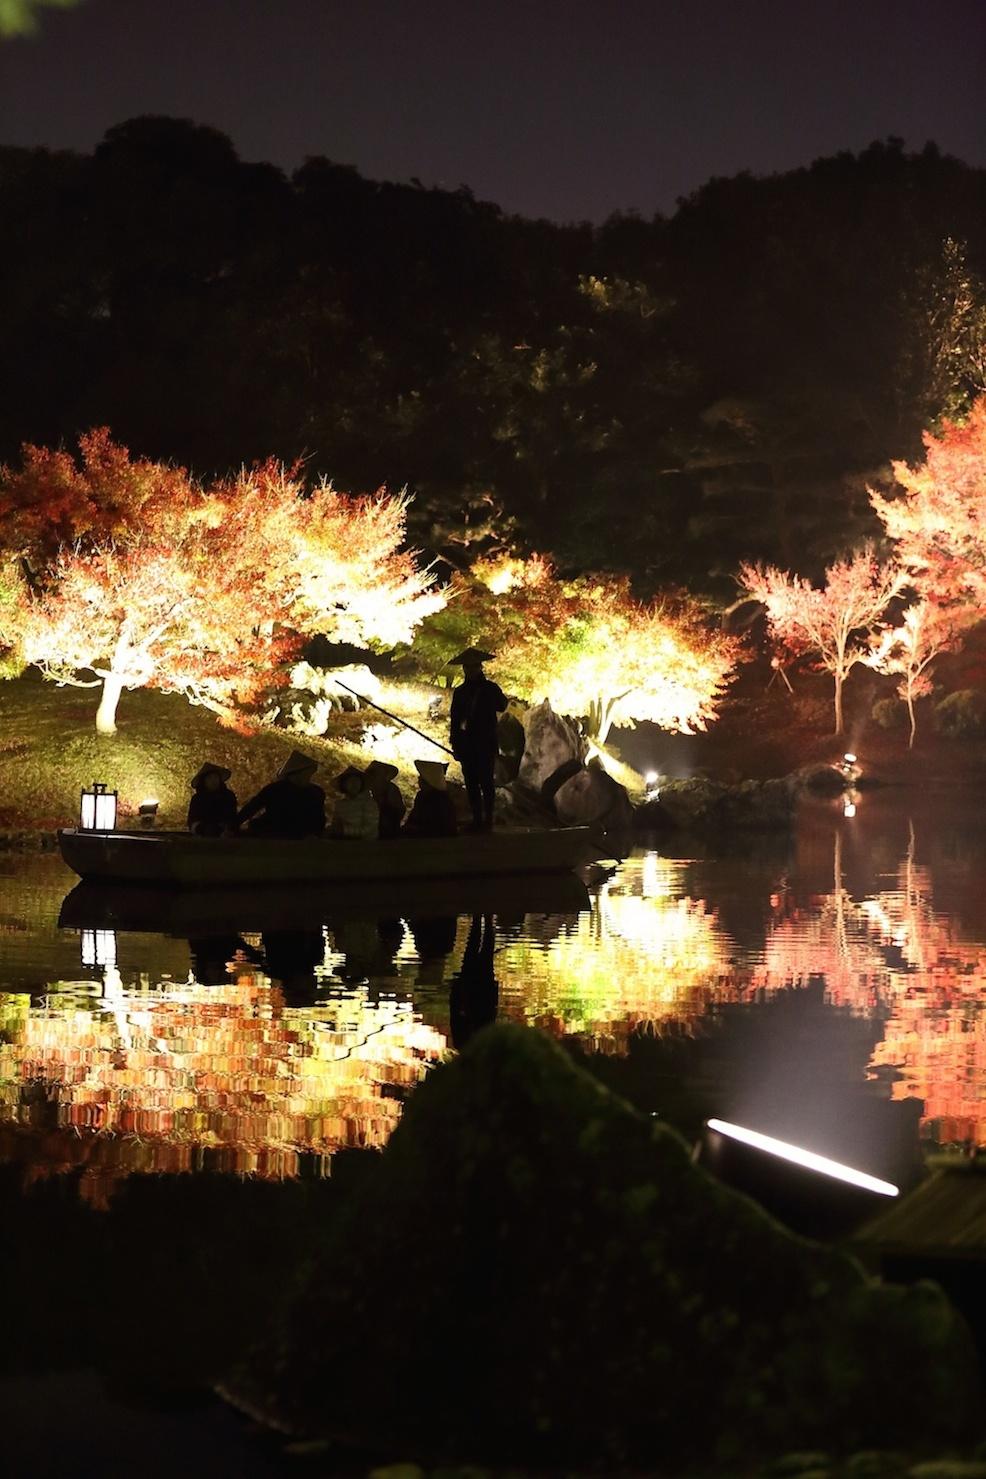 栗林公園 秋のライトアップ 2015 和船_d0081605_33740.jpg